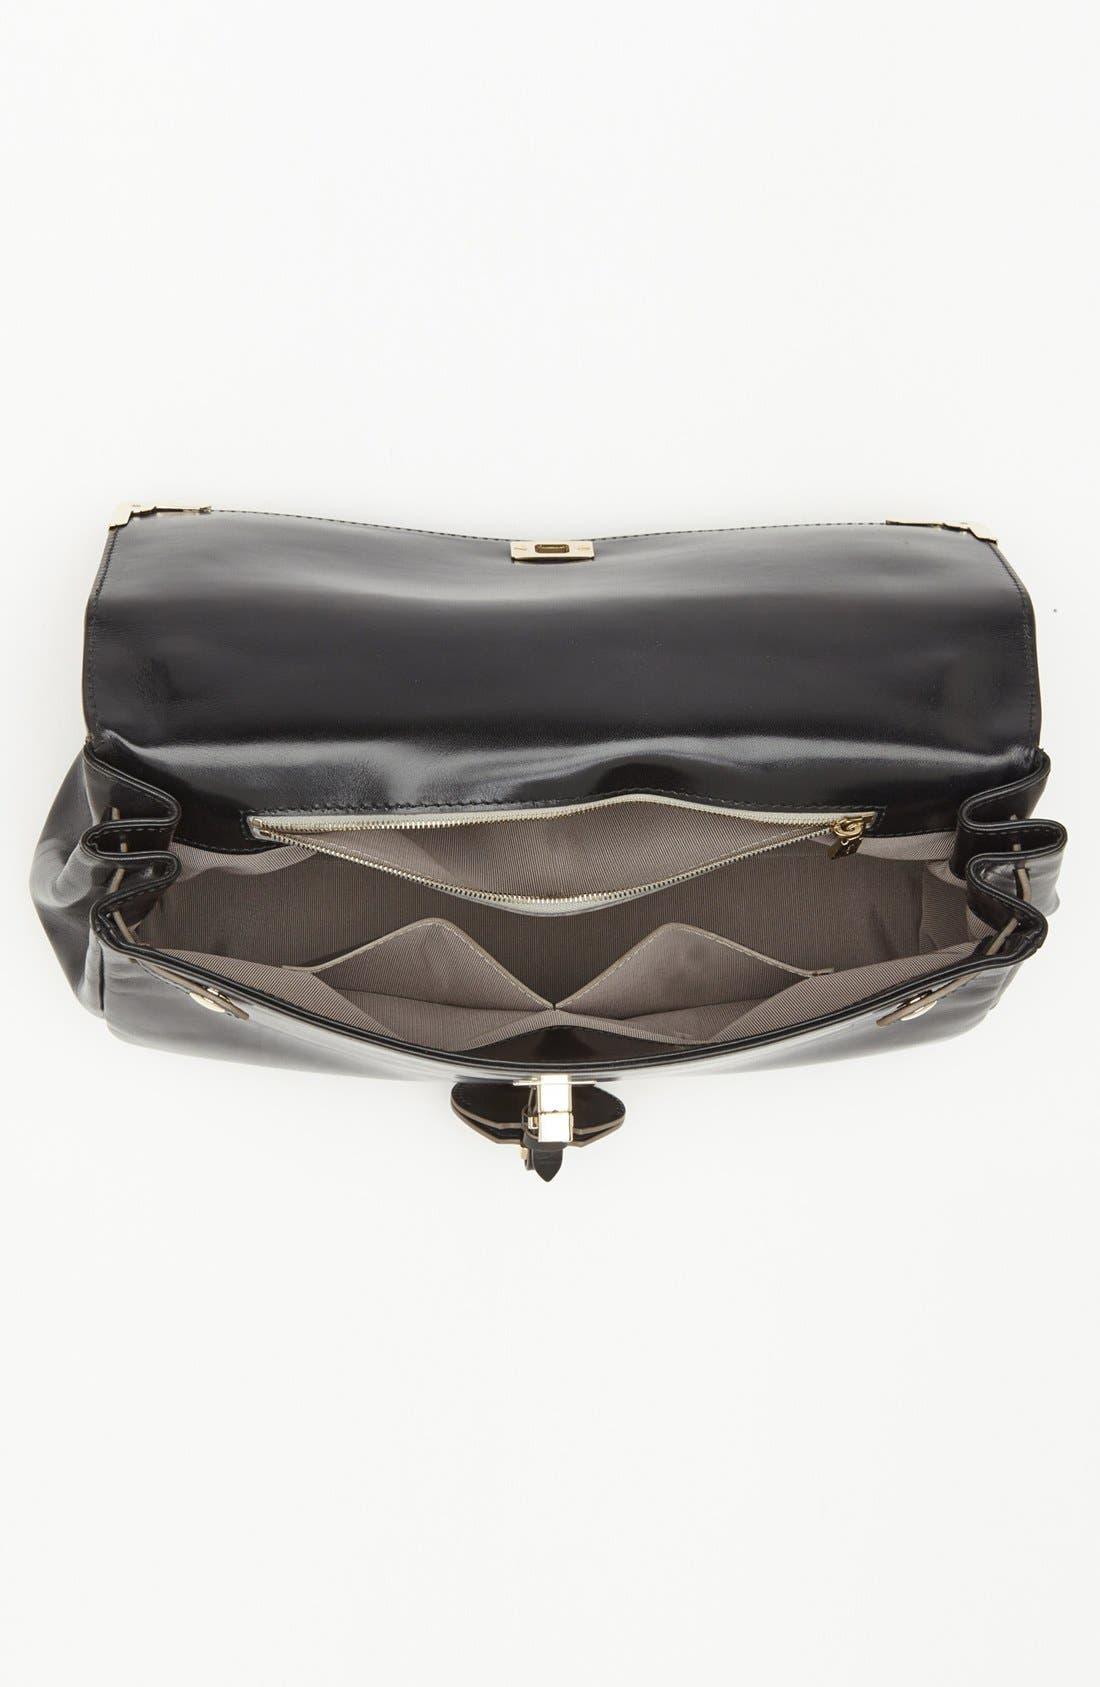 Alternate Image 3  - Jason Wu 'Jourdan 2' Leather Shoulder Bag